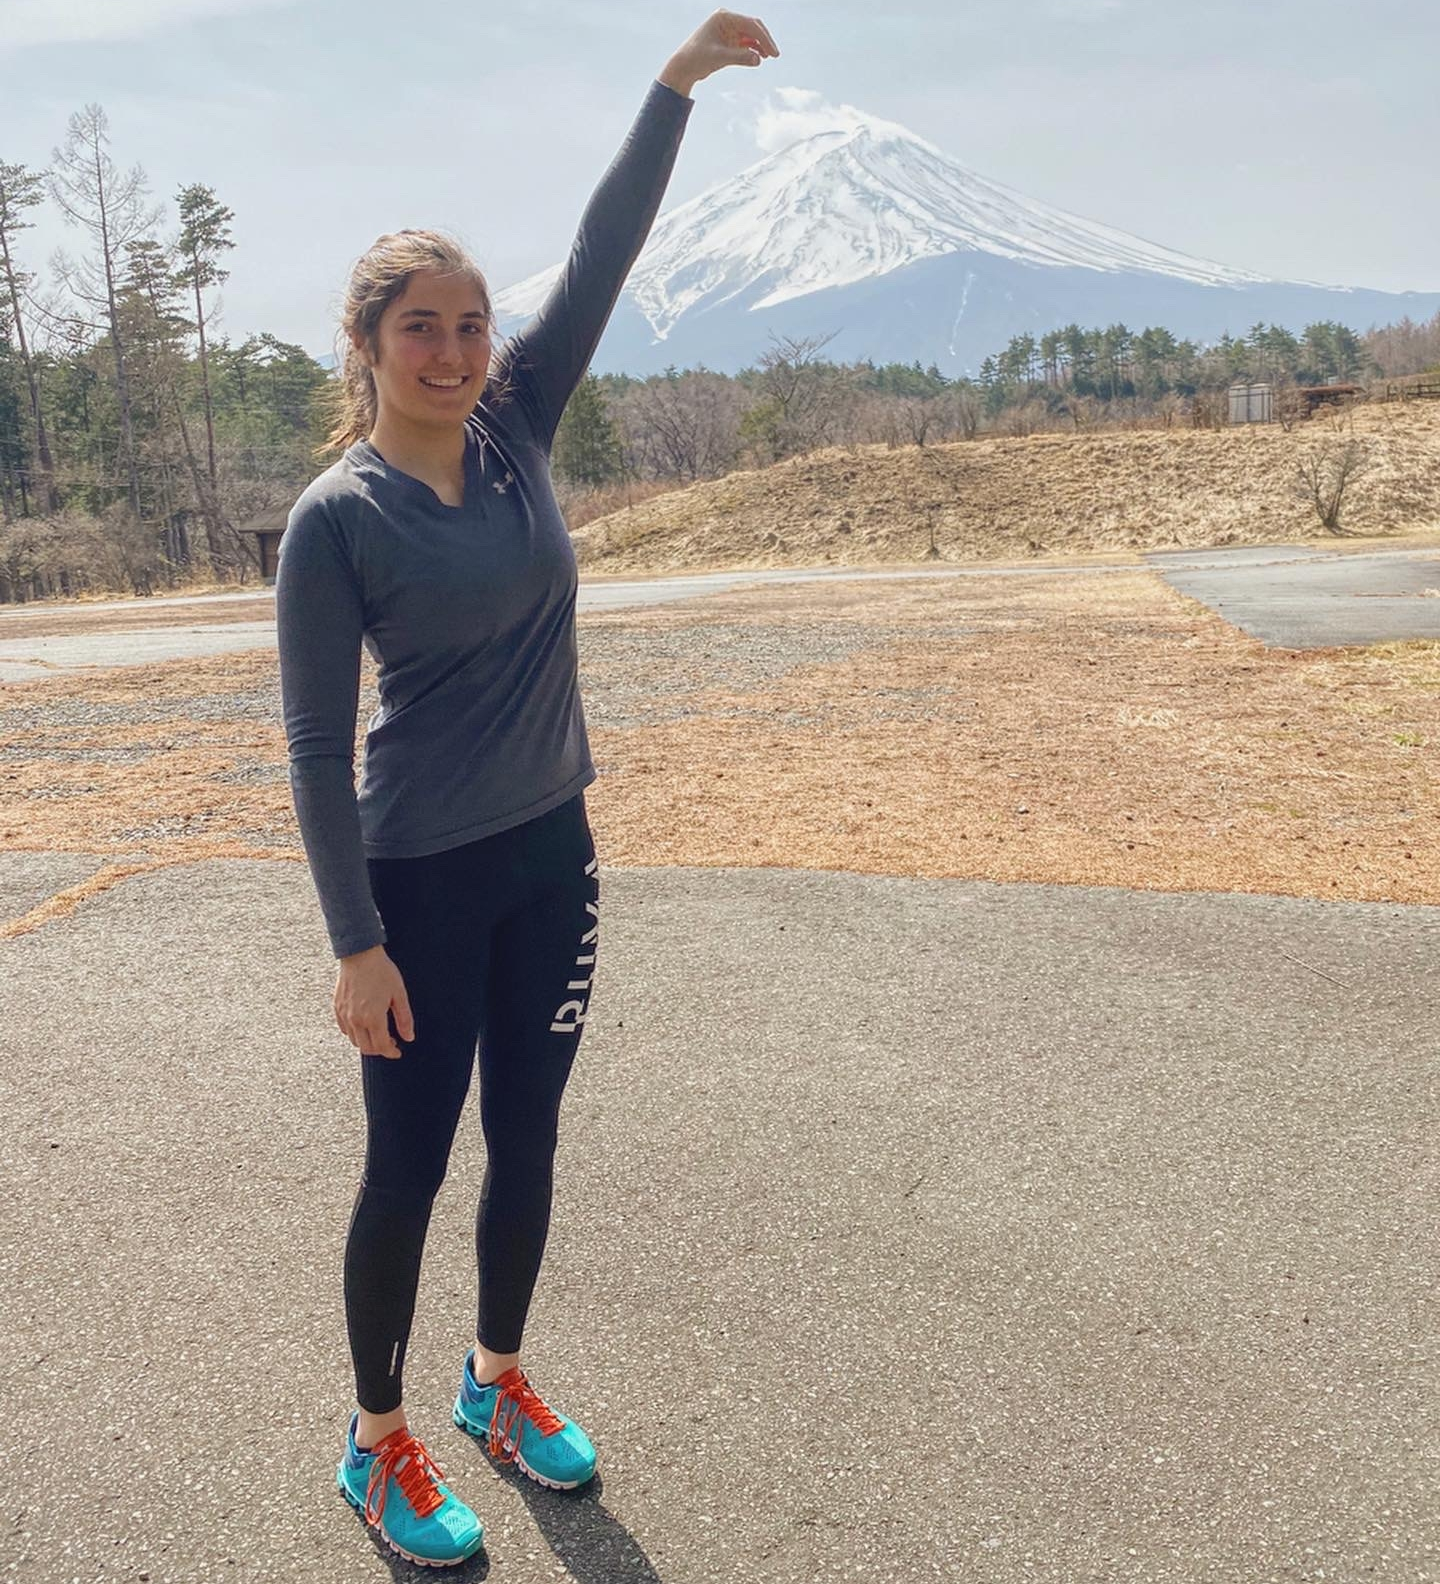 Татьяна Кальдерон у горы Фудзияма